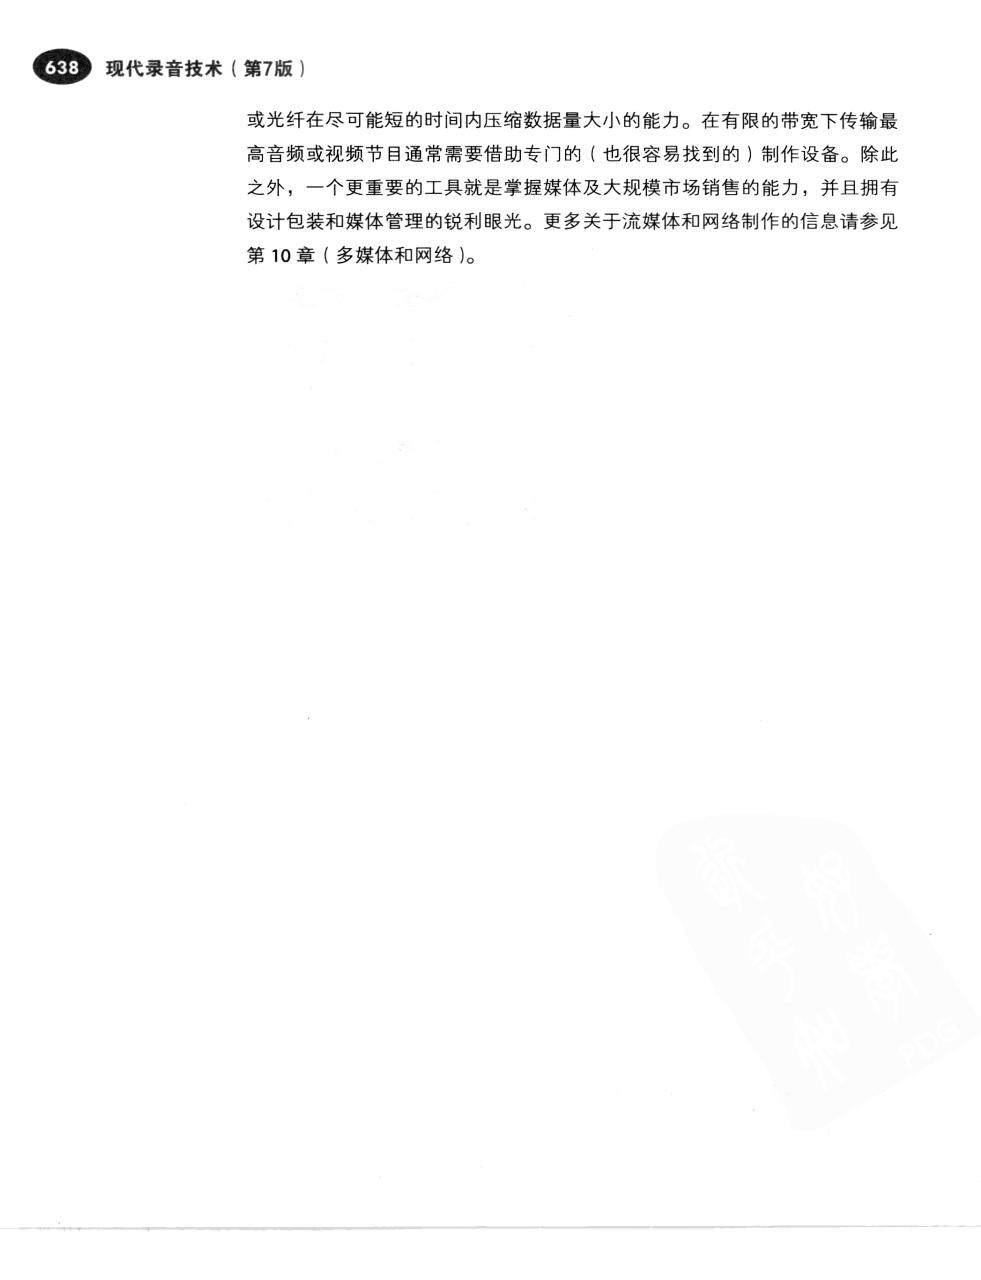 现代录音技术(第7版) 665